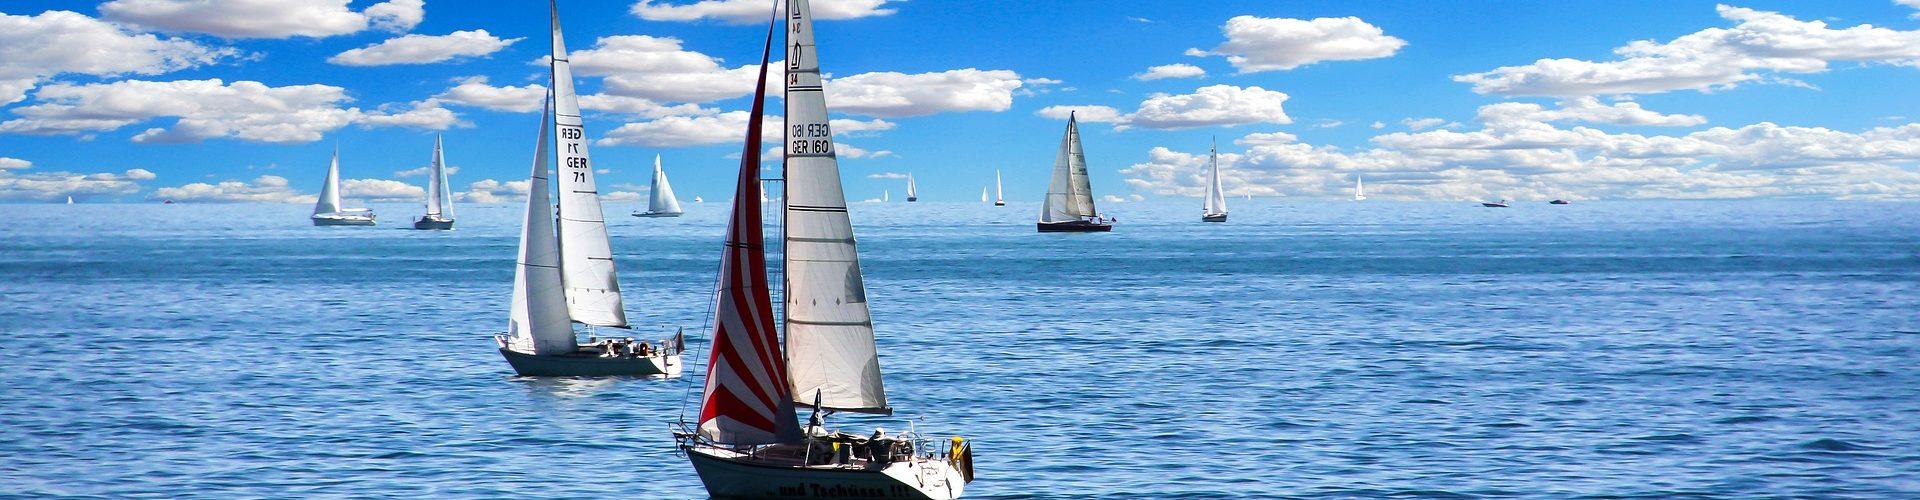 segeln lernen in Torgelow segelschein machen in Torgelow 1920x500 - Segeln lernen in Torgelow